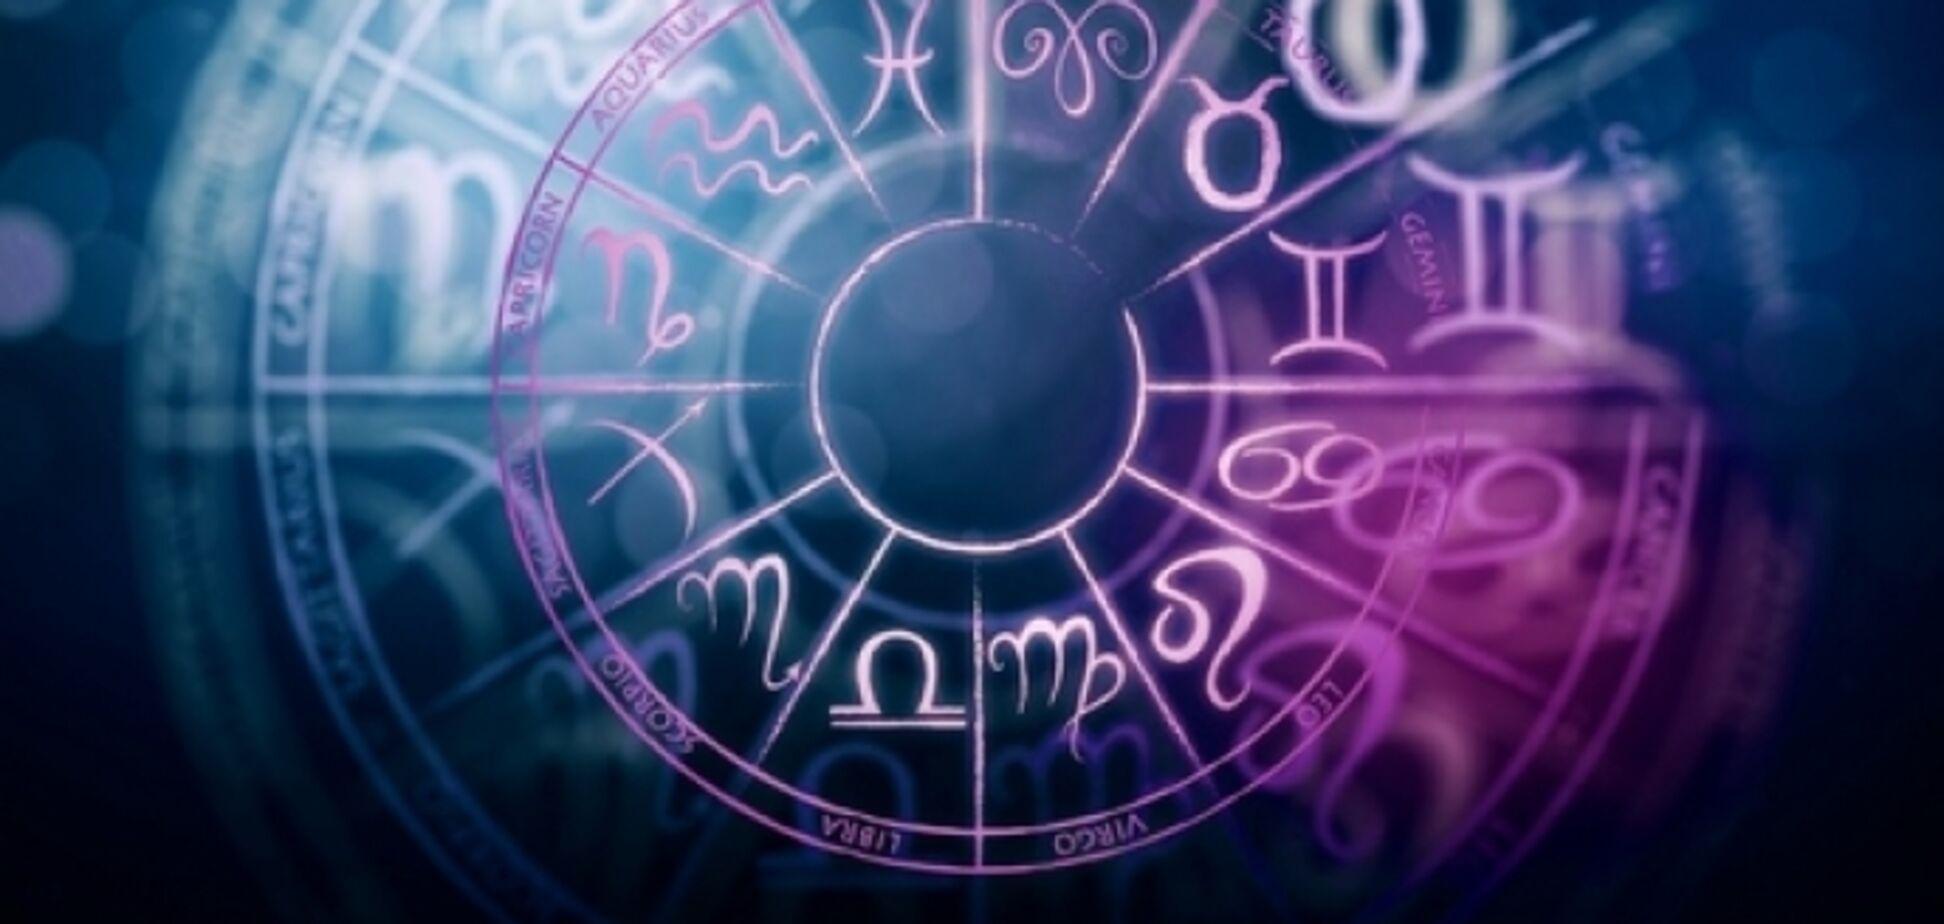 Гороскоп на 14 декабря: что ждет Львов, Раков, Дев и другие знаки зодиака